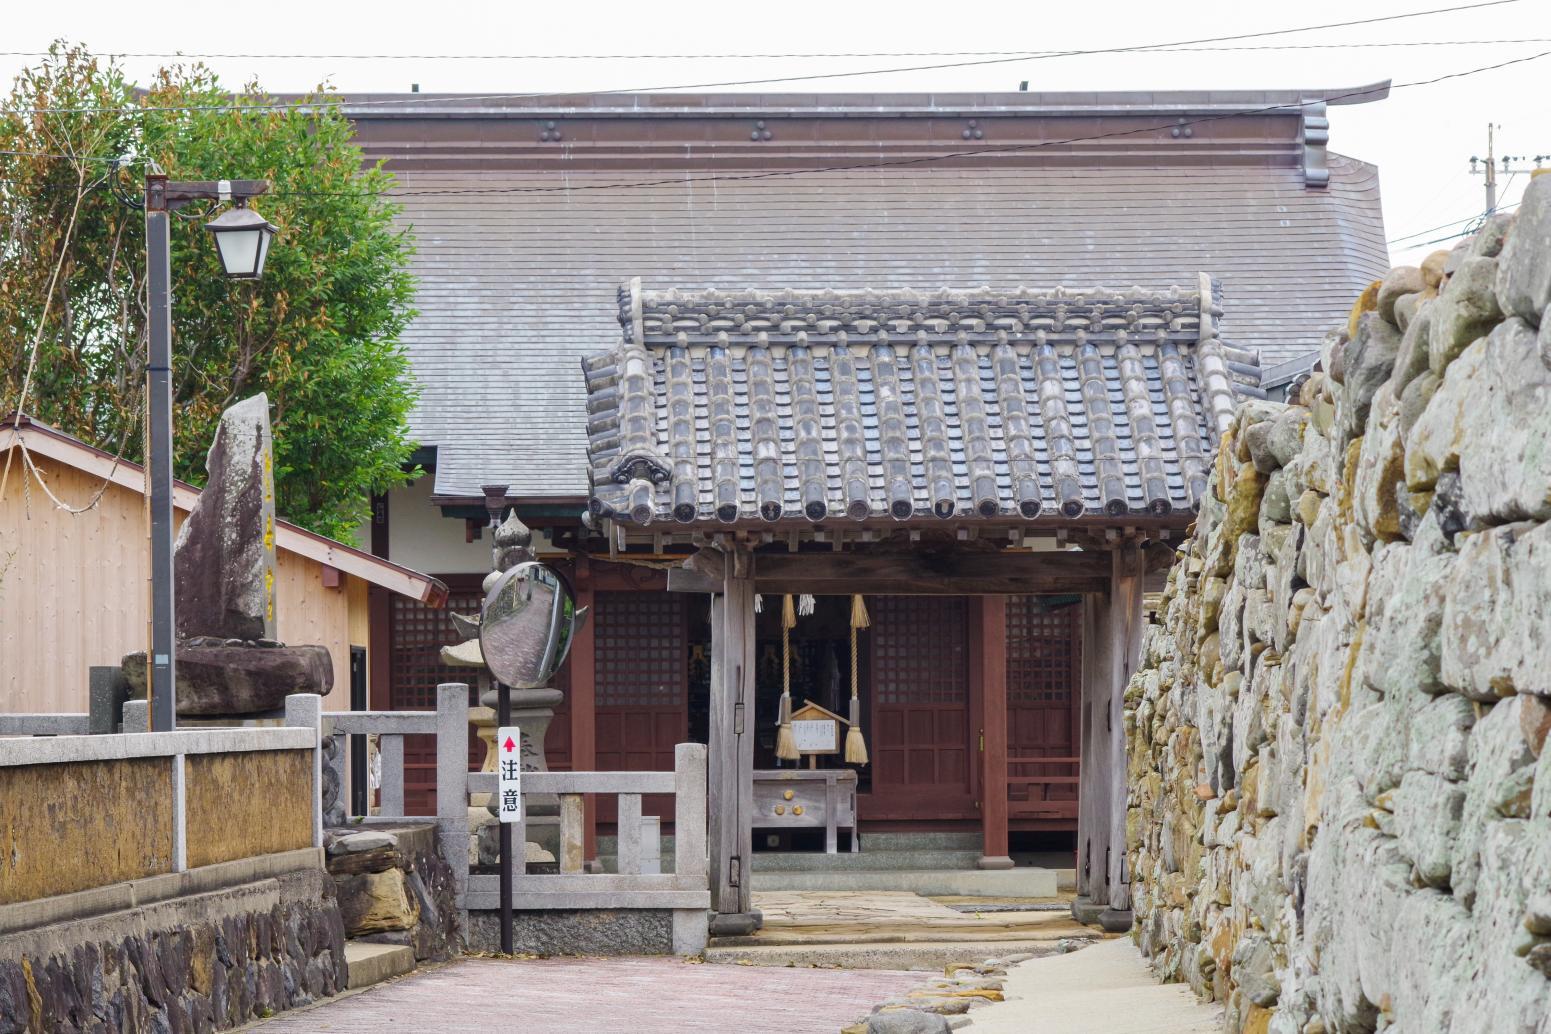 1300年以上の歴史を持つ「聖母宮(しょうもぐう)」-7